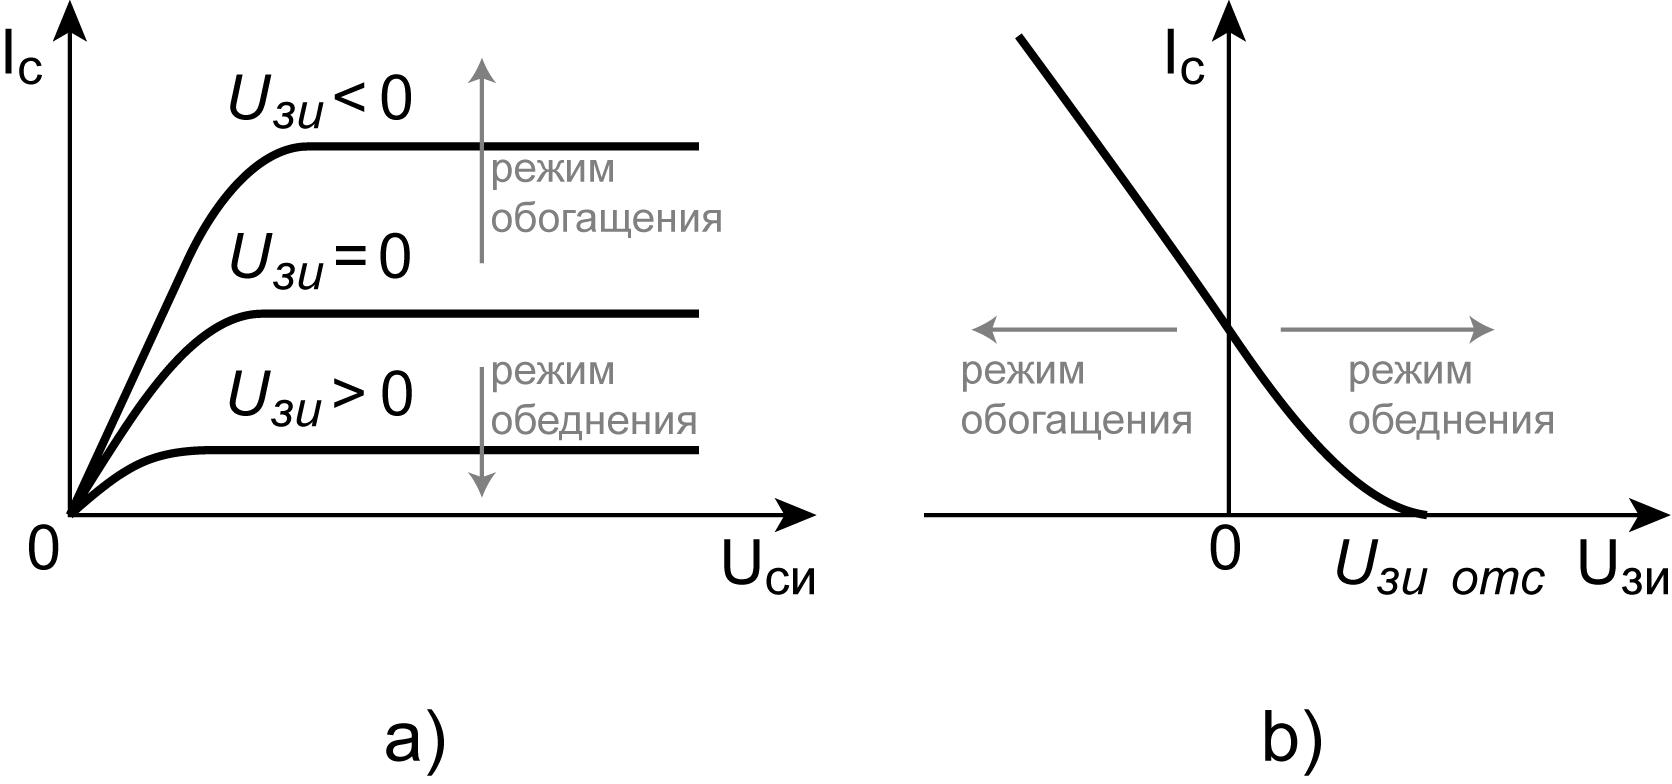 инструкции по защитному заземлению электромедицинской аппаратуры в учреждениях минздрава ссср